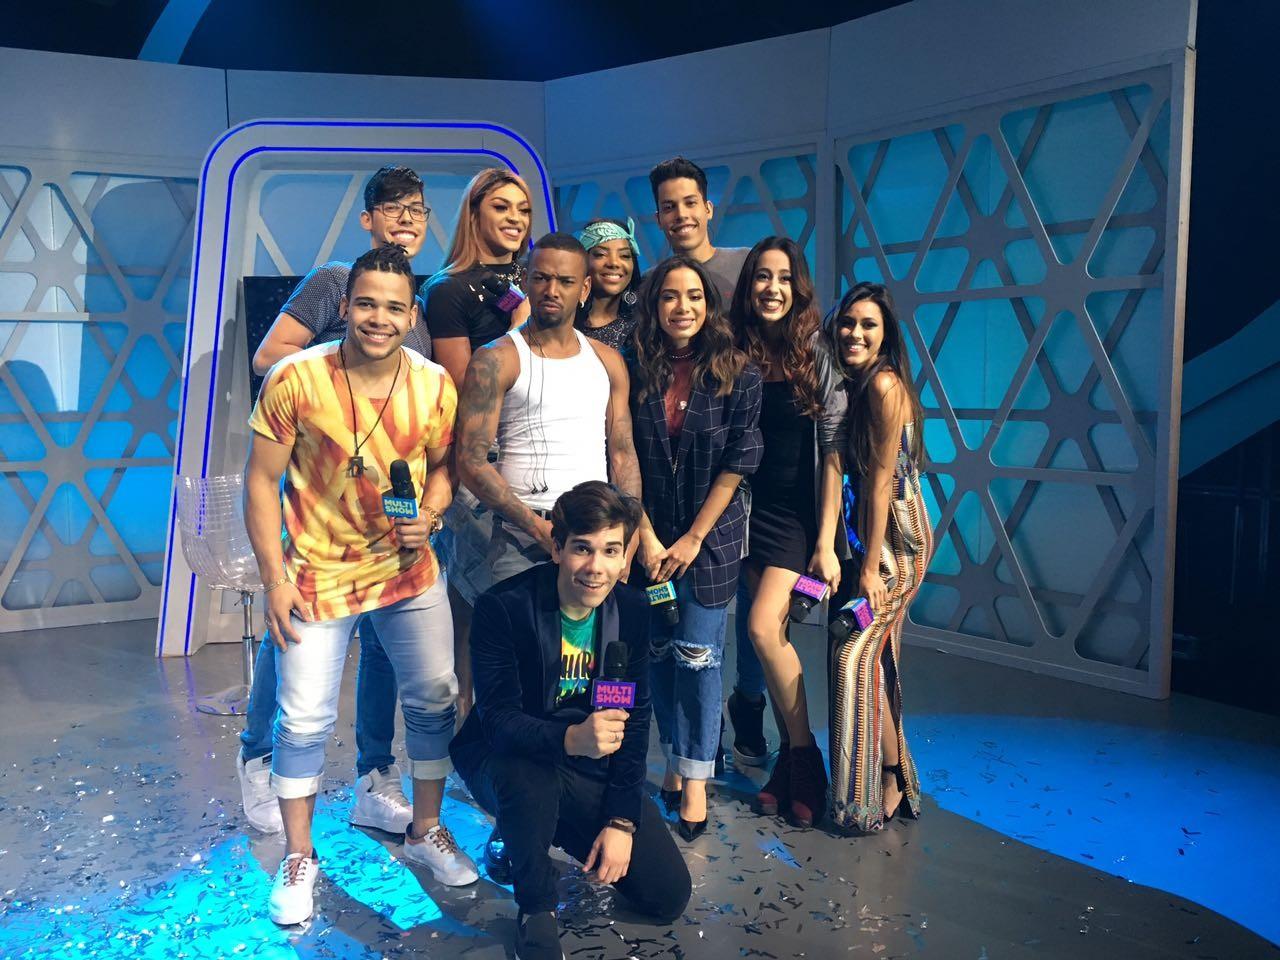 MrPoladoful, os finalistas e os convidados especiais dessa final de 'S Pra Parodiar' (Foto: Multishow)